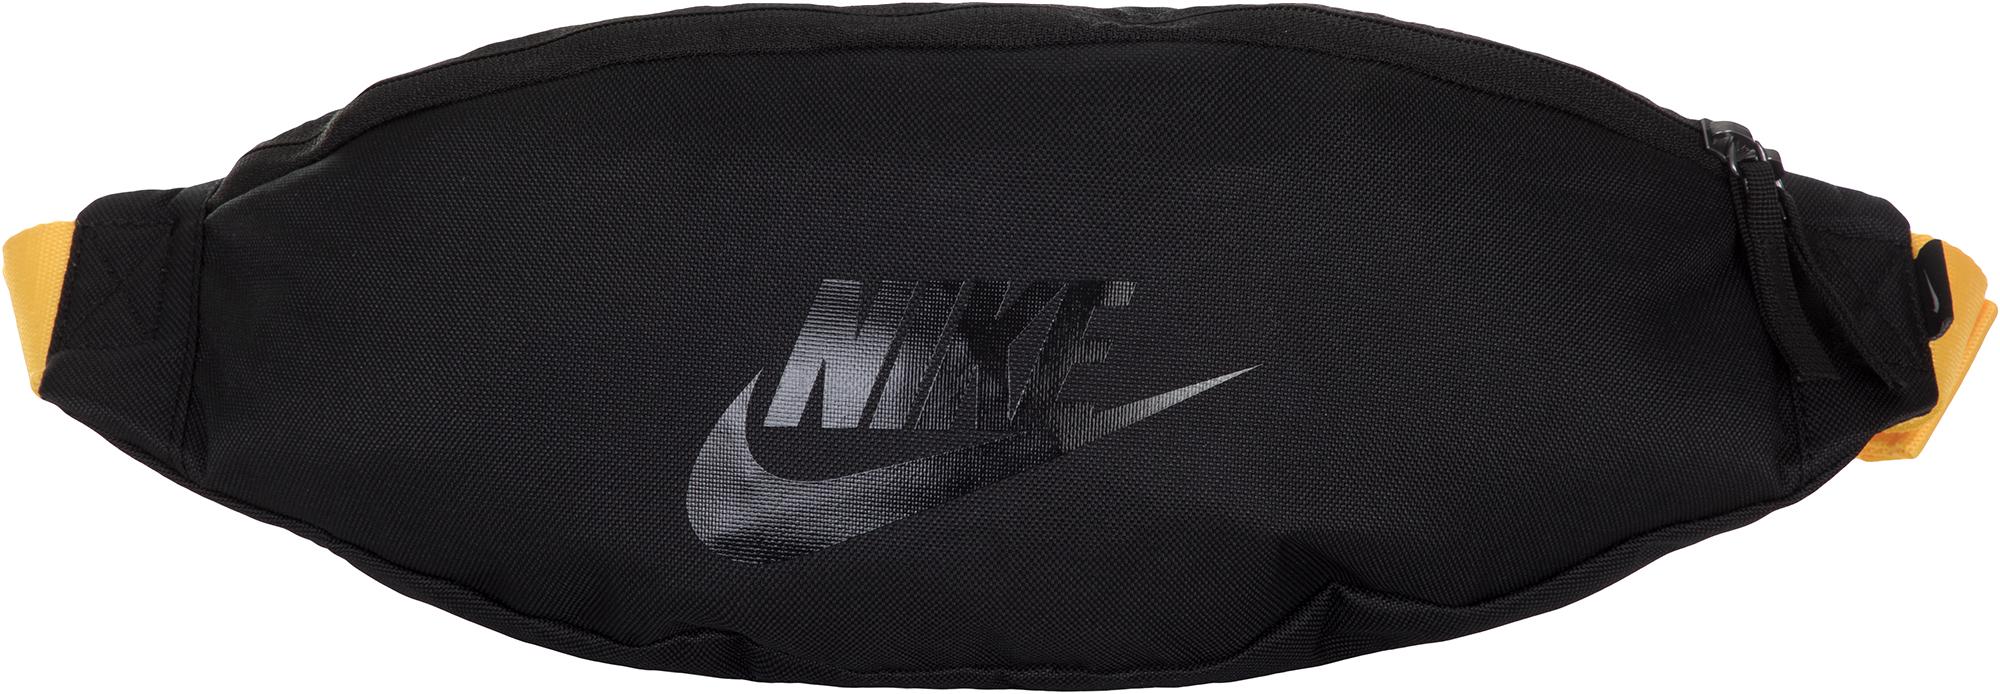 купить Nike Сумка на пояс Nike Heritage по цене 1499 рублей